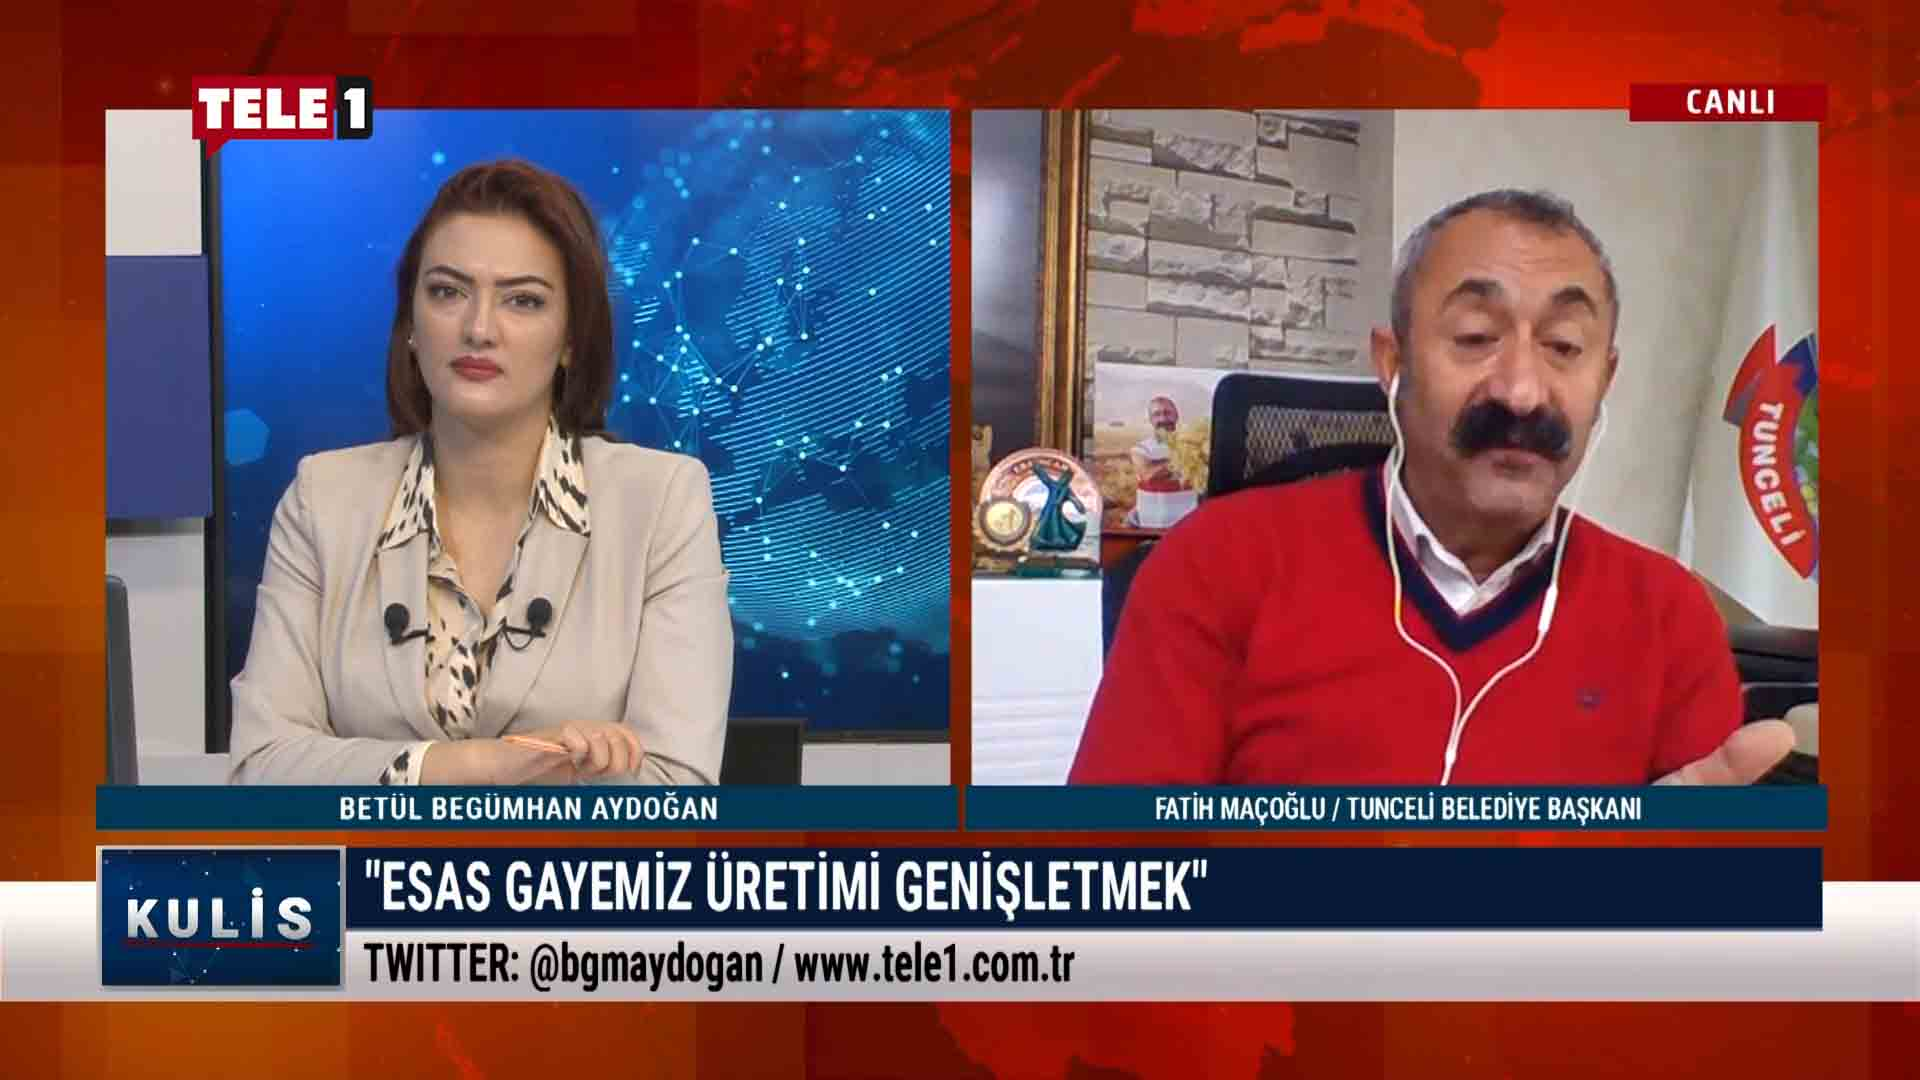 Fatih Maçoğlu Tunceli'deki tarikatlaşmayı anlattı